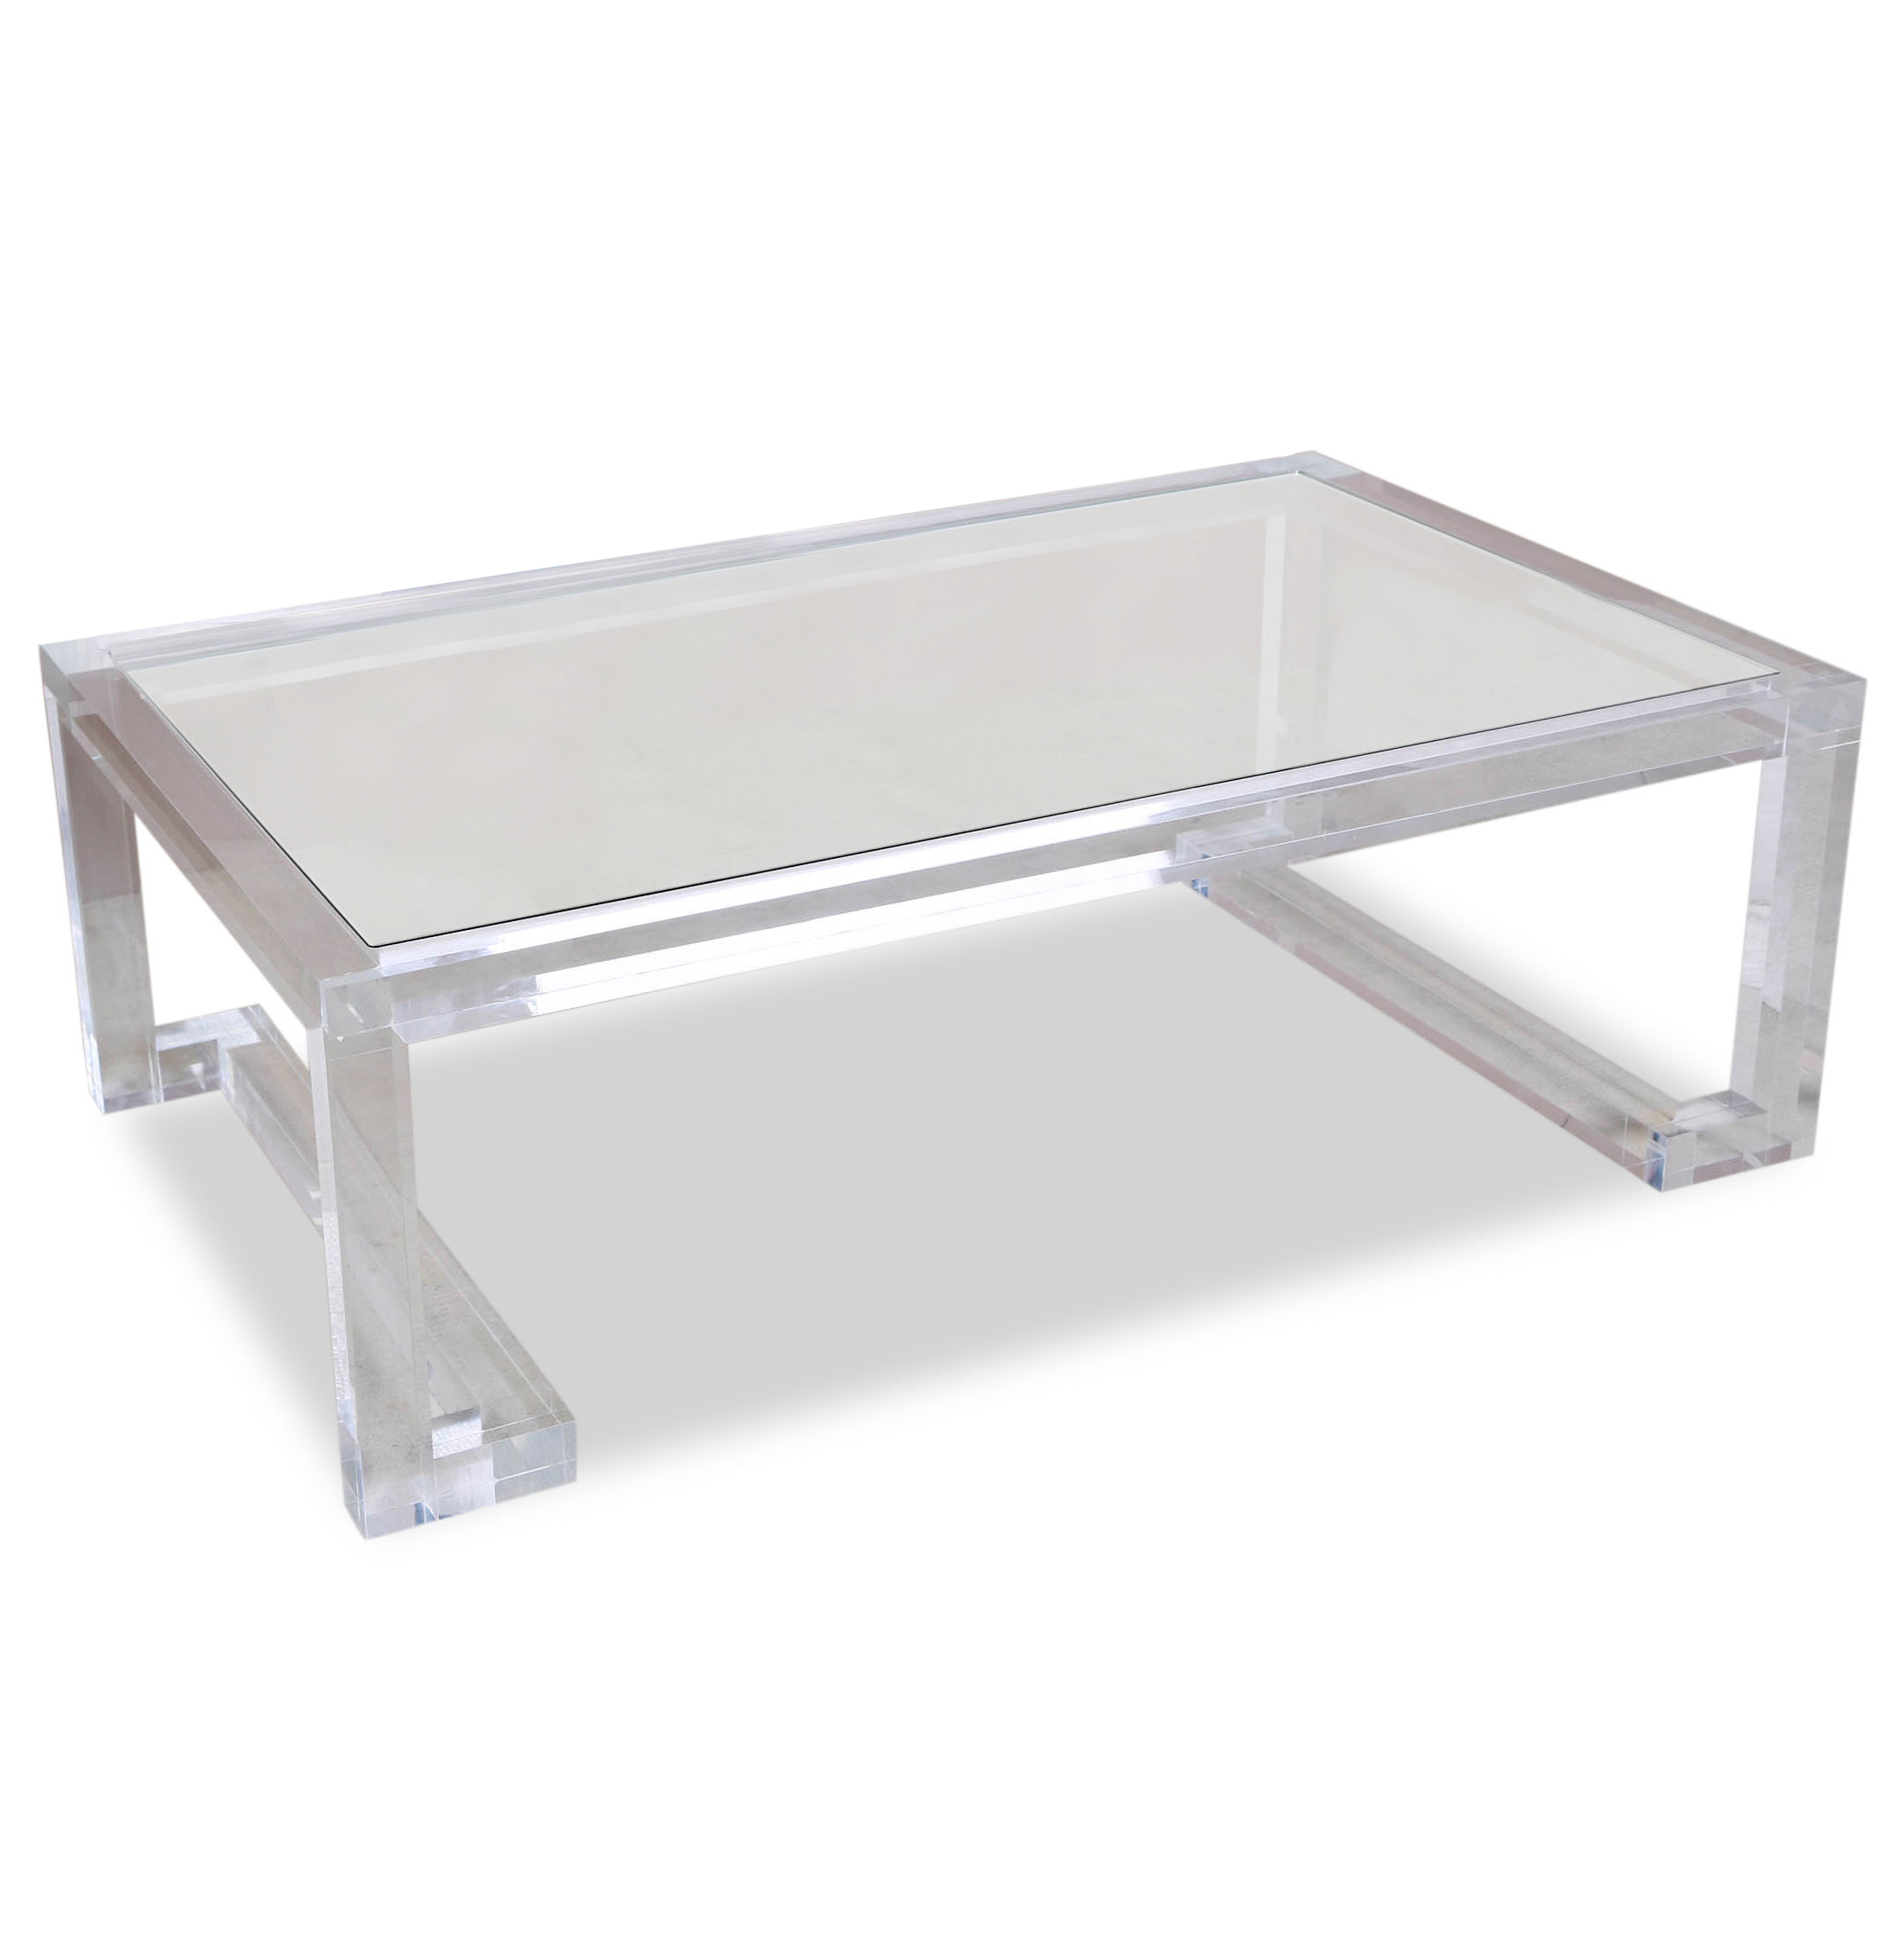 Ava Hollywood Regency Modern Glass Acrylic Coffee Table